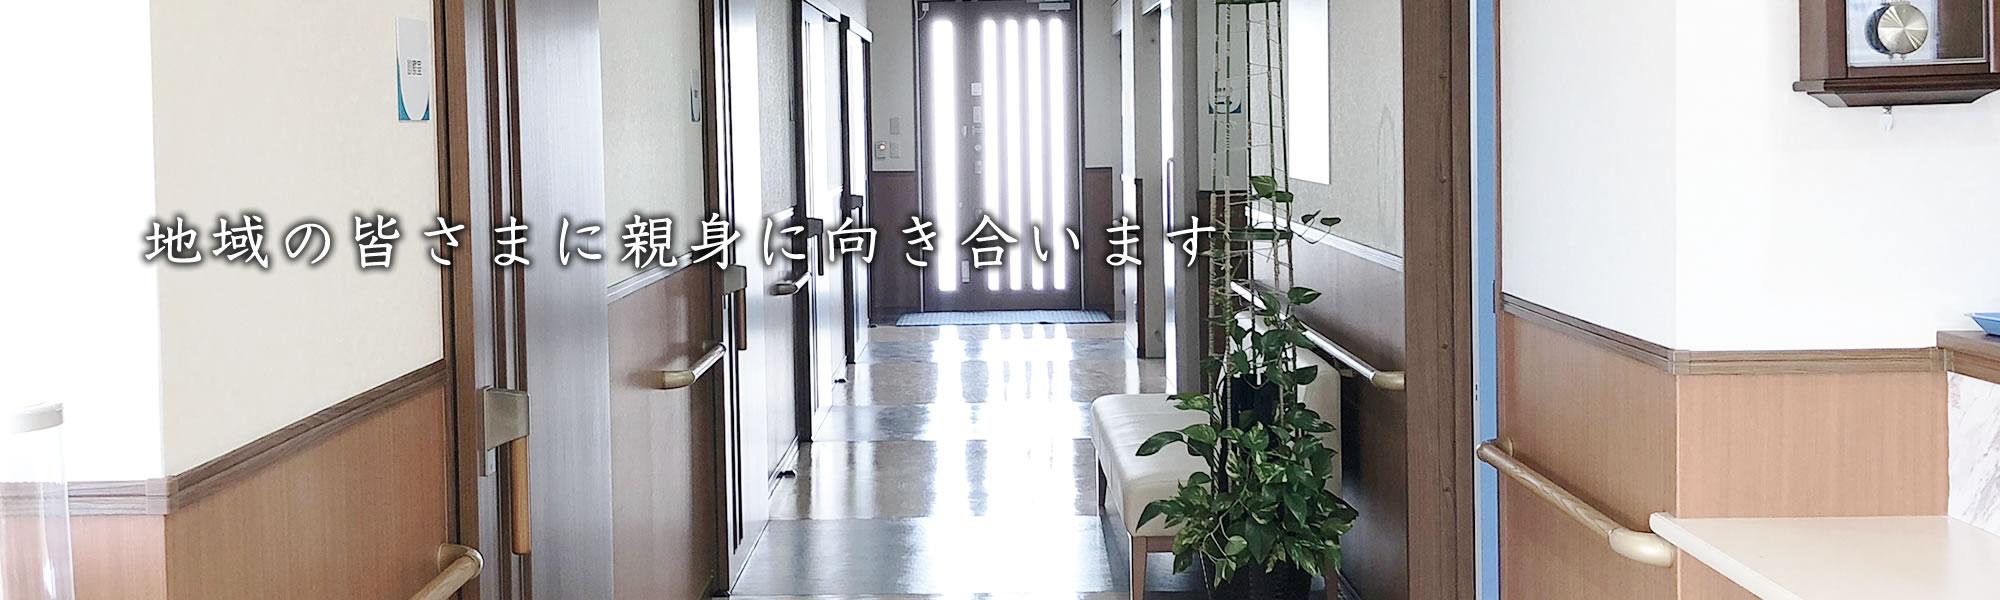 福津中央クリニック|内科・循環器内科|福津・古賀・宗像